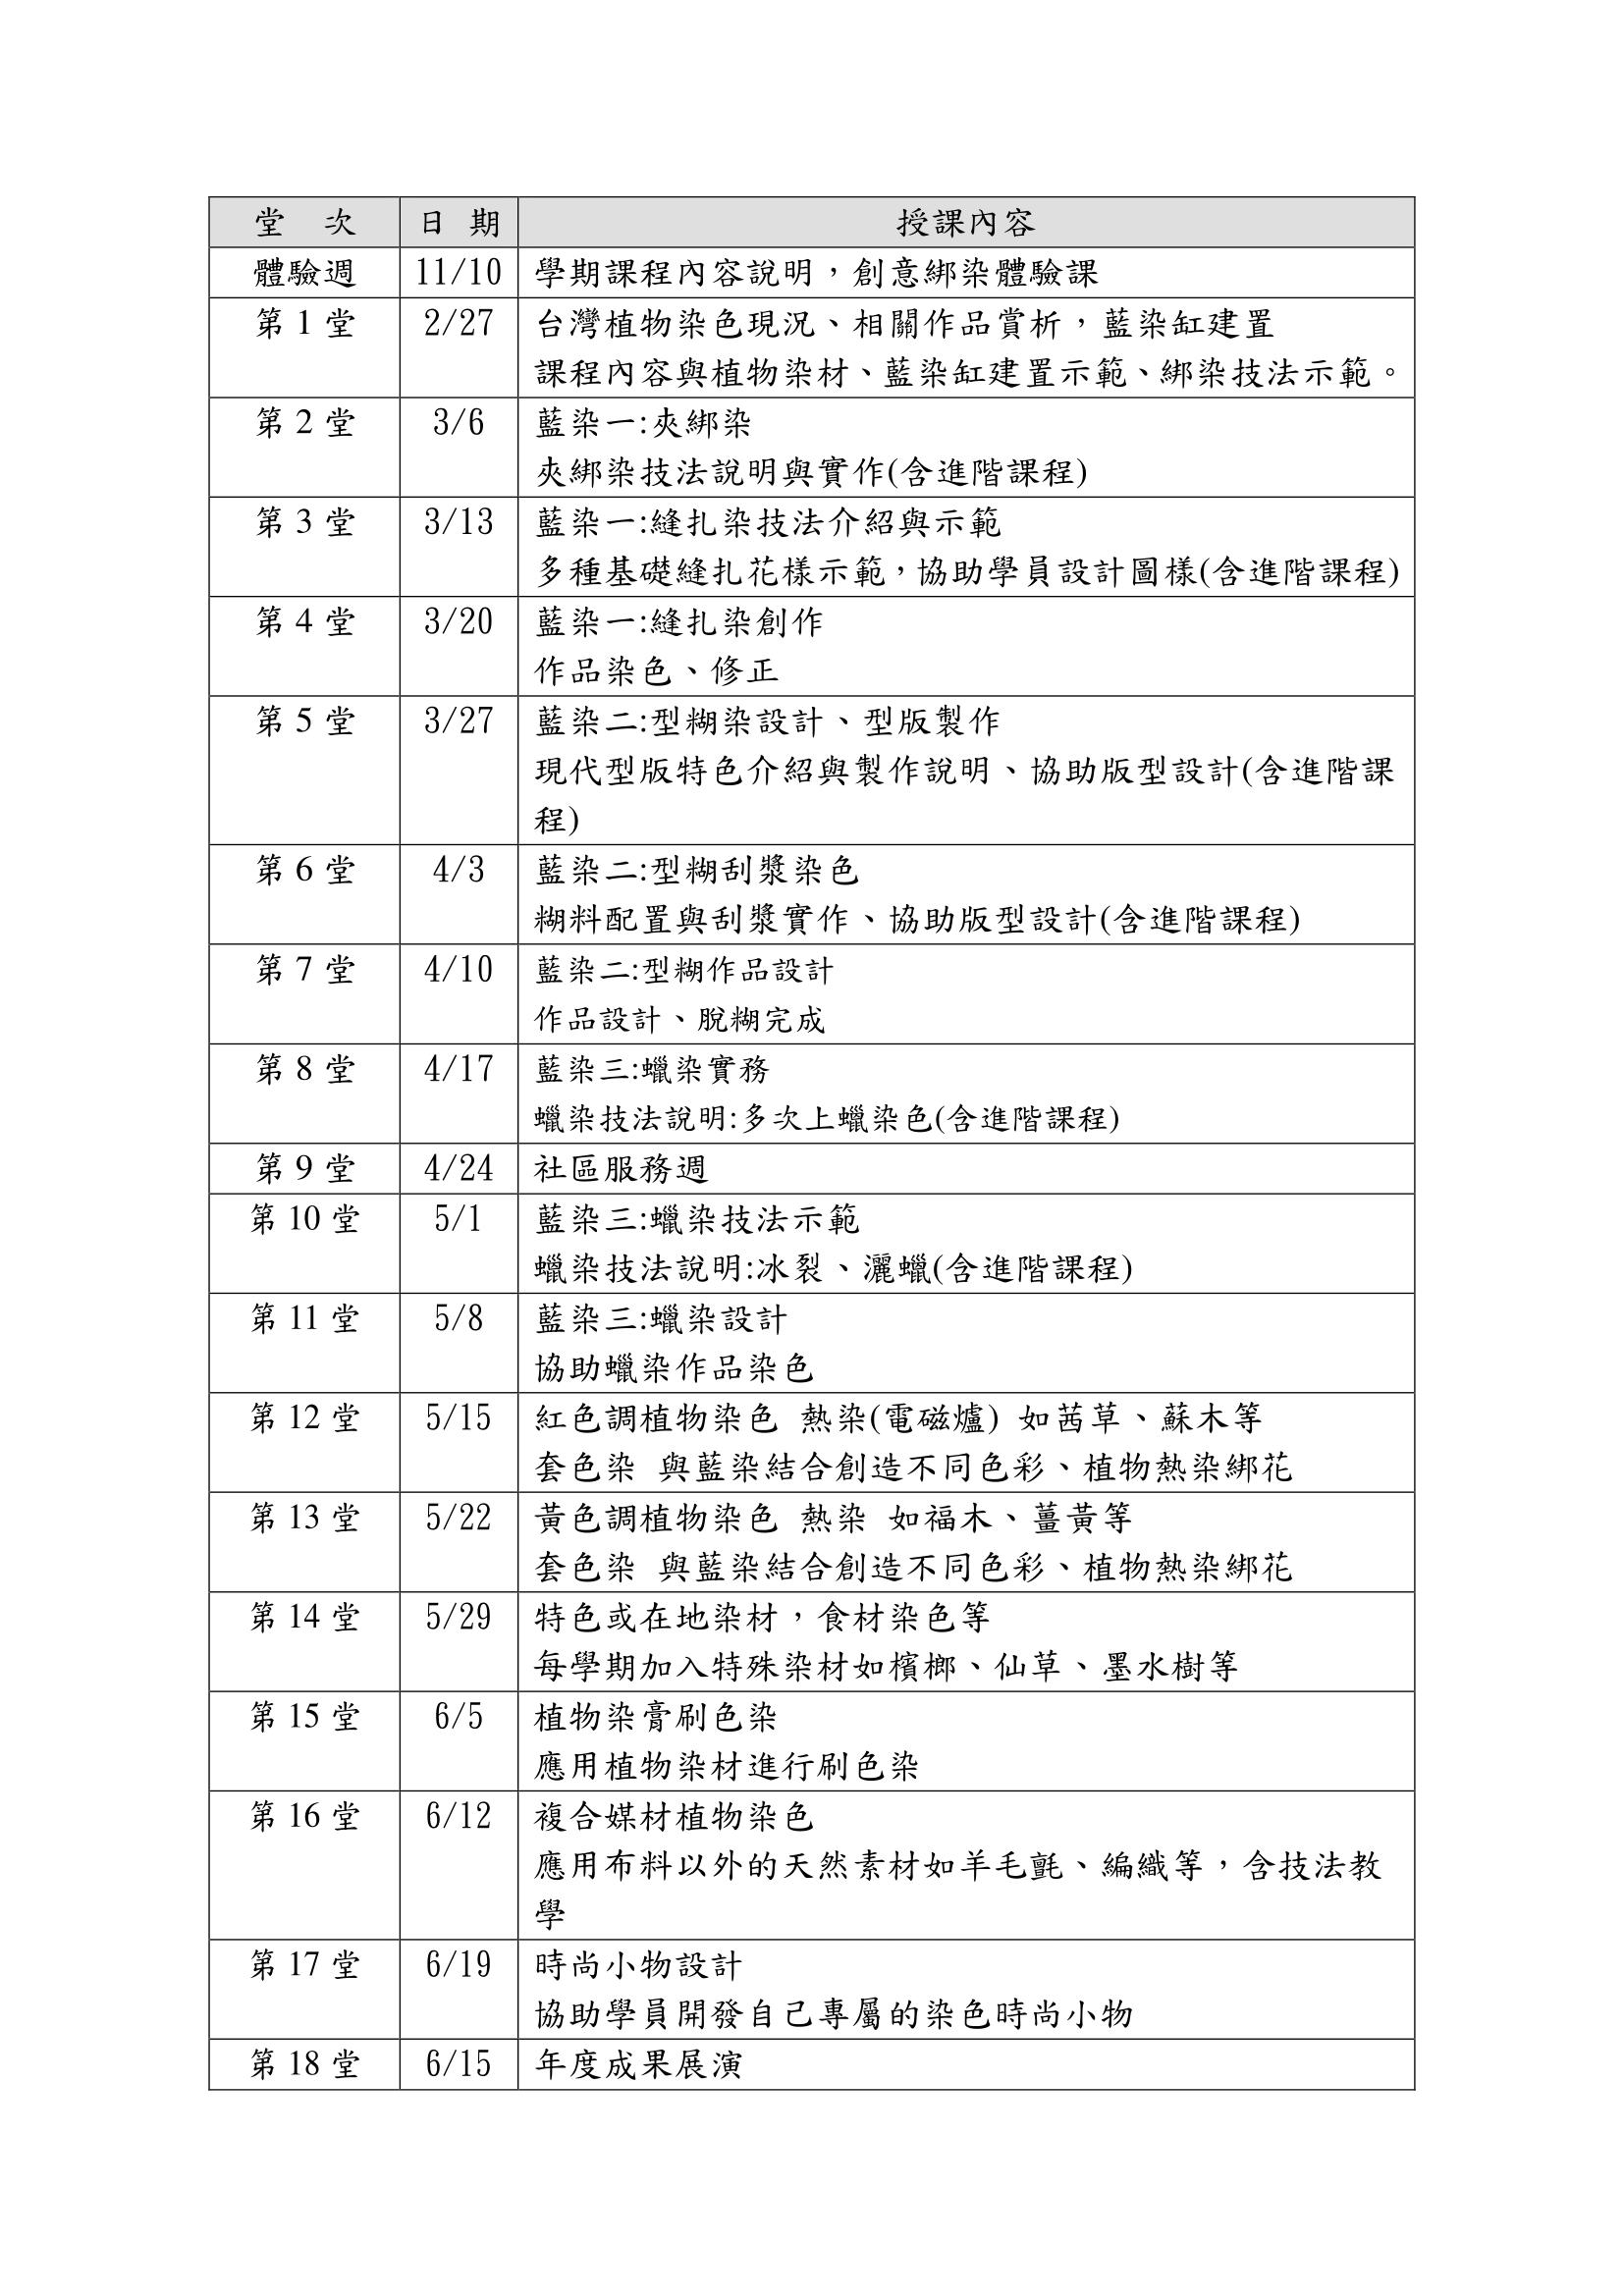 單堂課程表-08.png